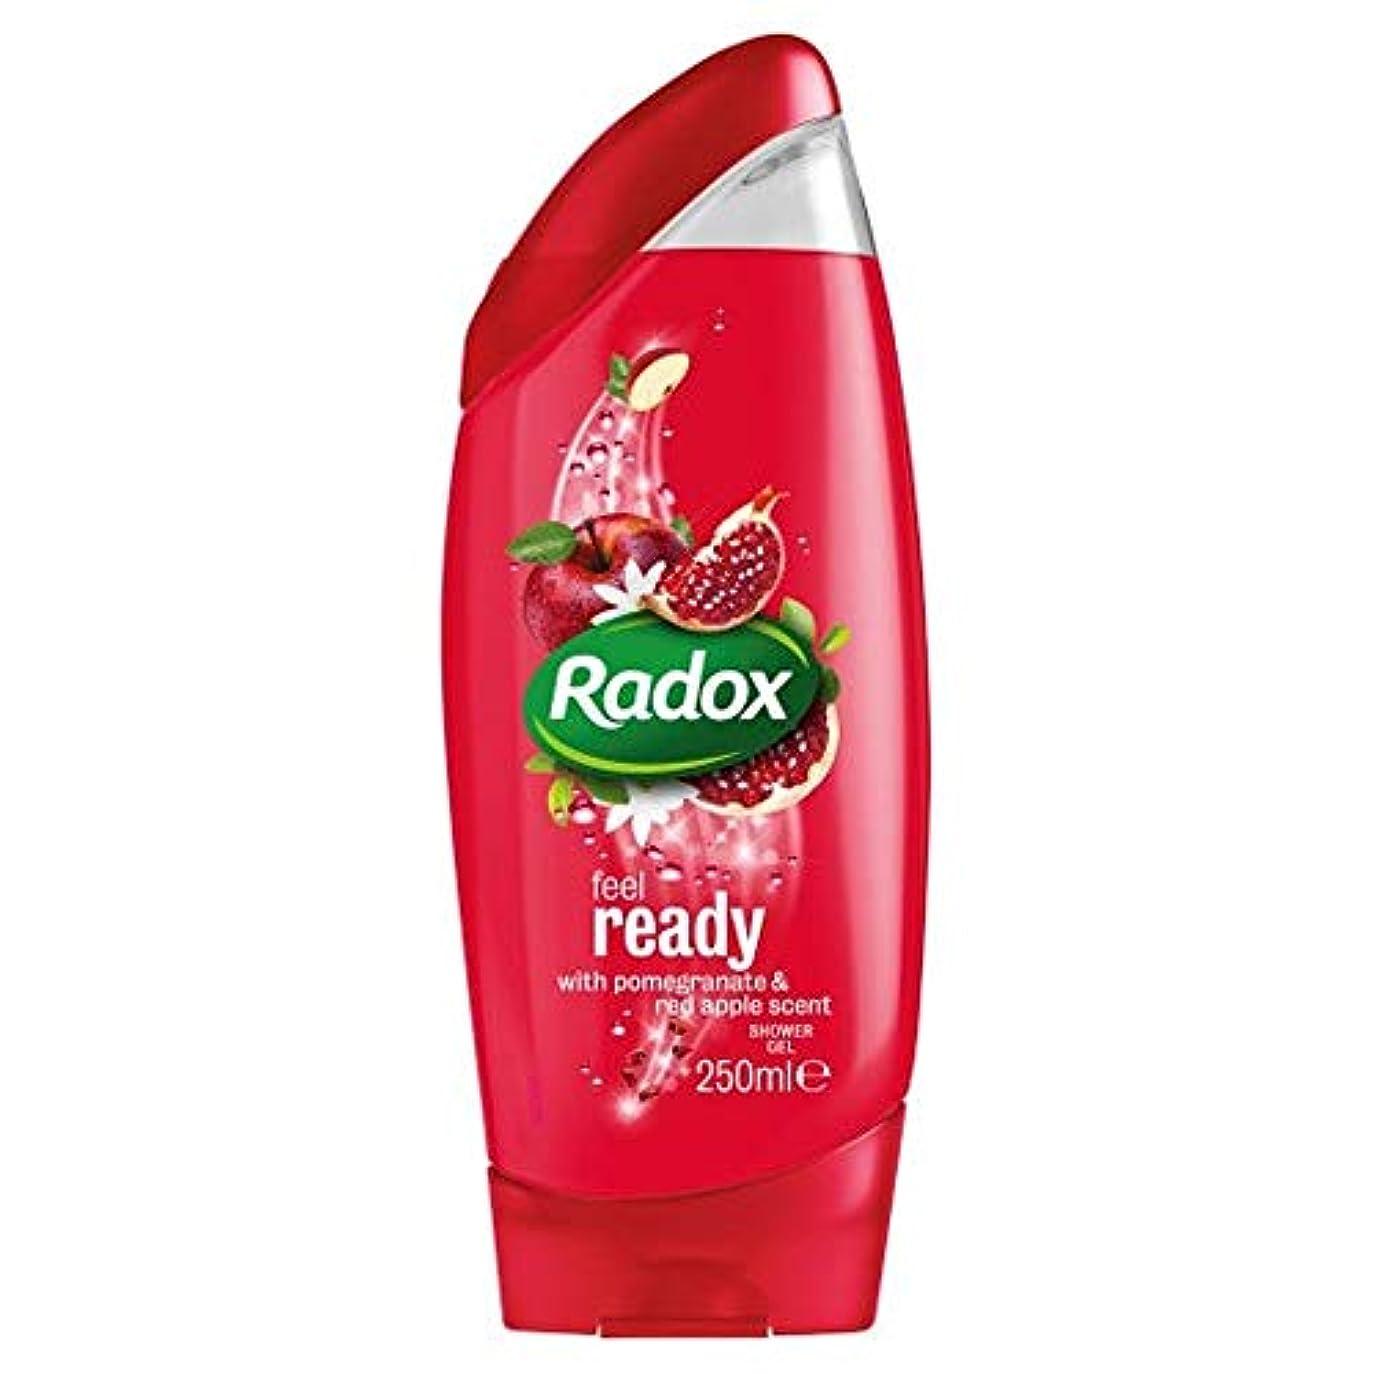 コークス熱望するせせらぎ[Radox] Radoxは準備ができてシャワージェル250ミリリットルを感じます - Radox Feel Ready Shower Gel 250Ml [並行輸入品]